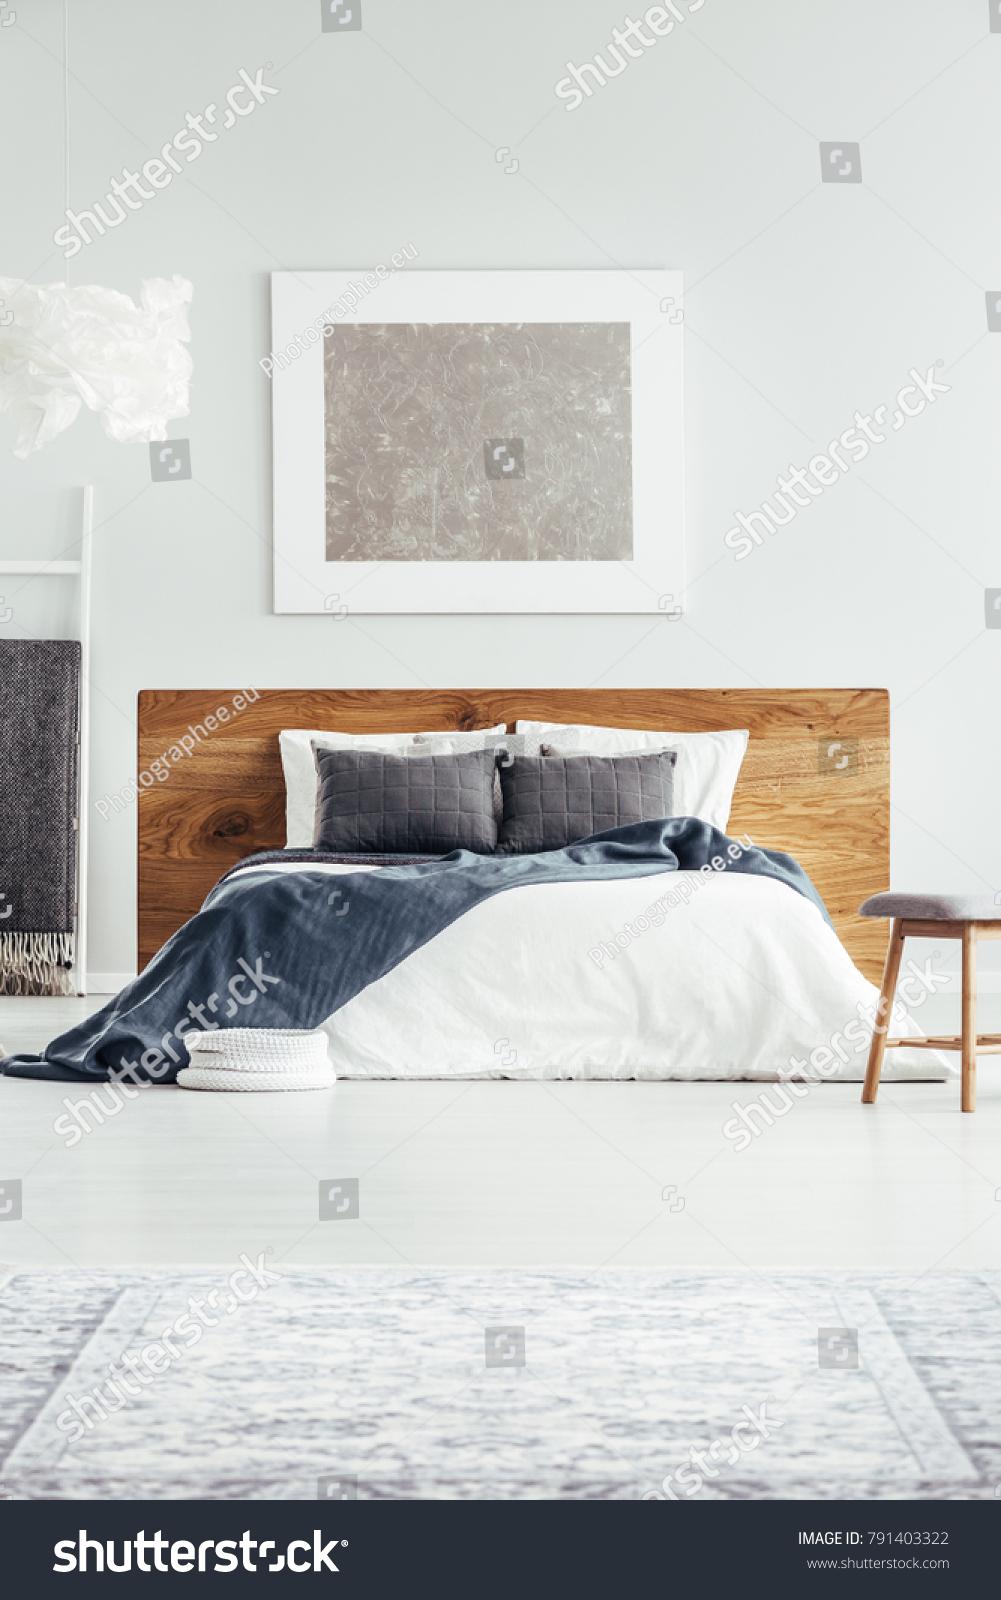 White Bedding Gray Pillows Navy Blue Stock Photo Edit Now 791403322